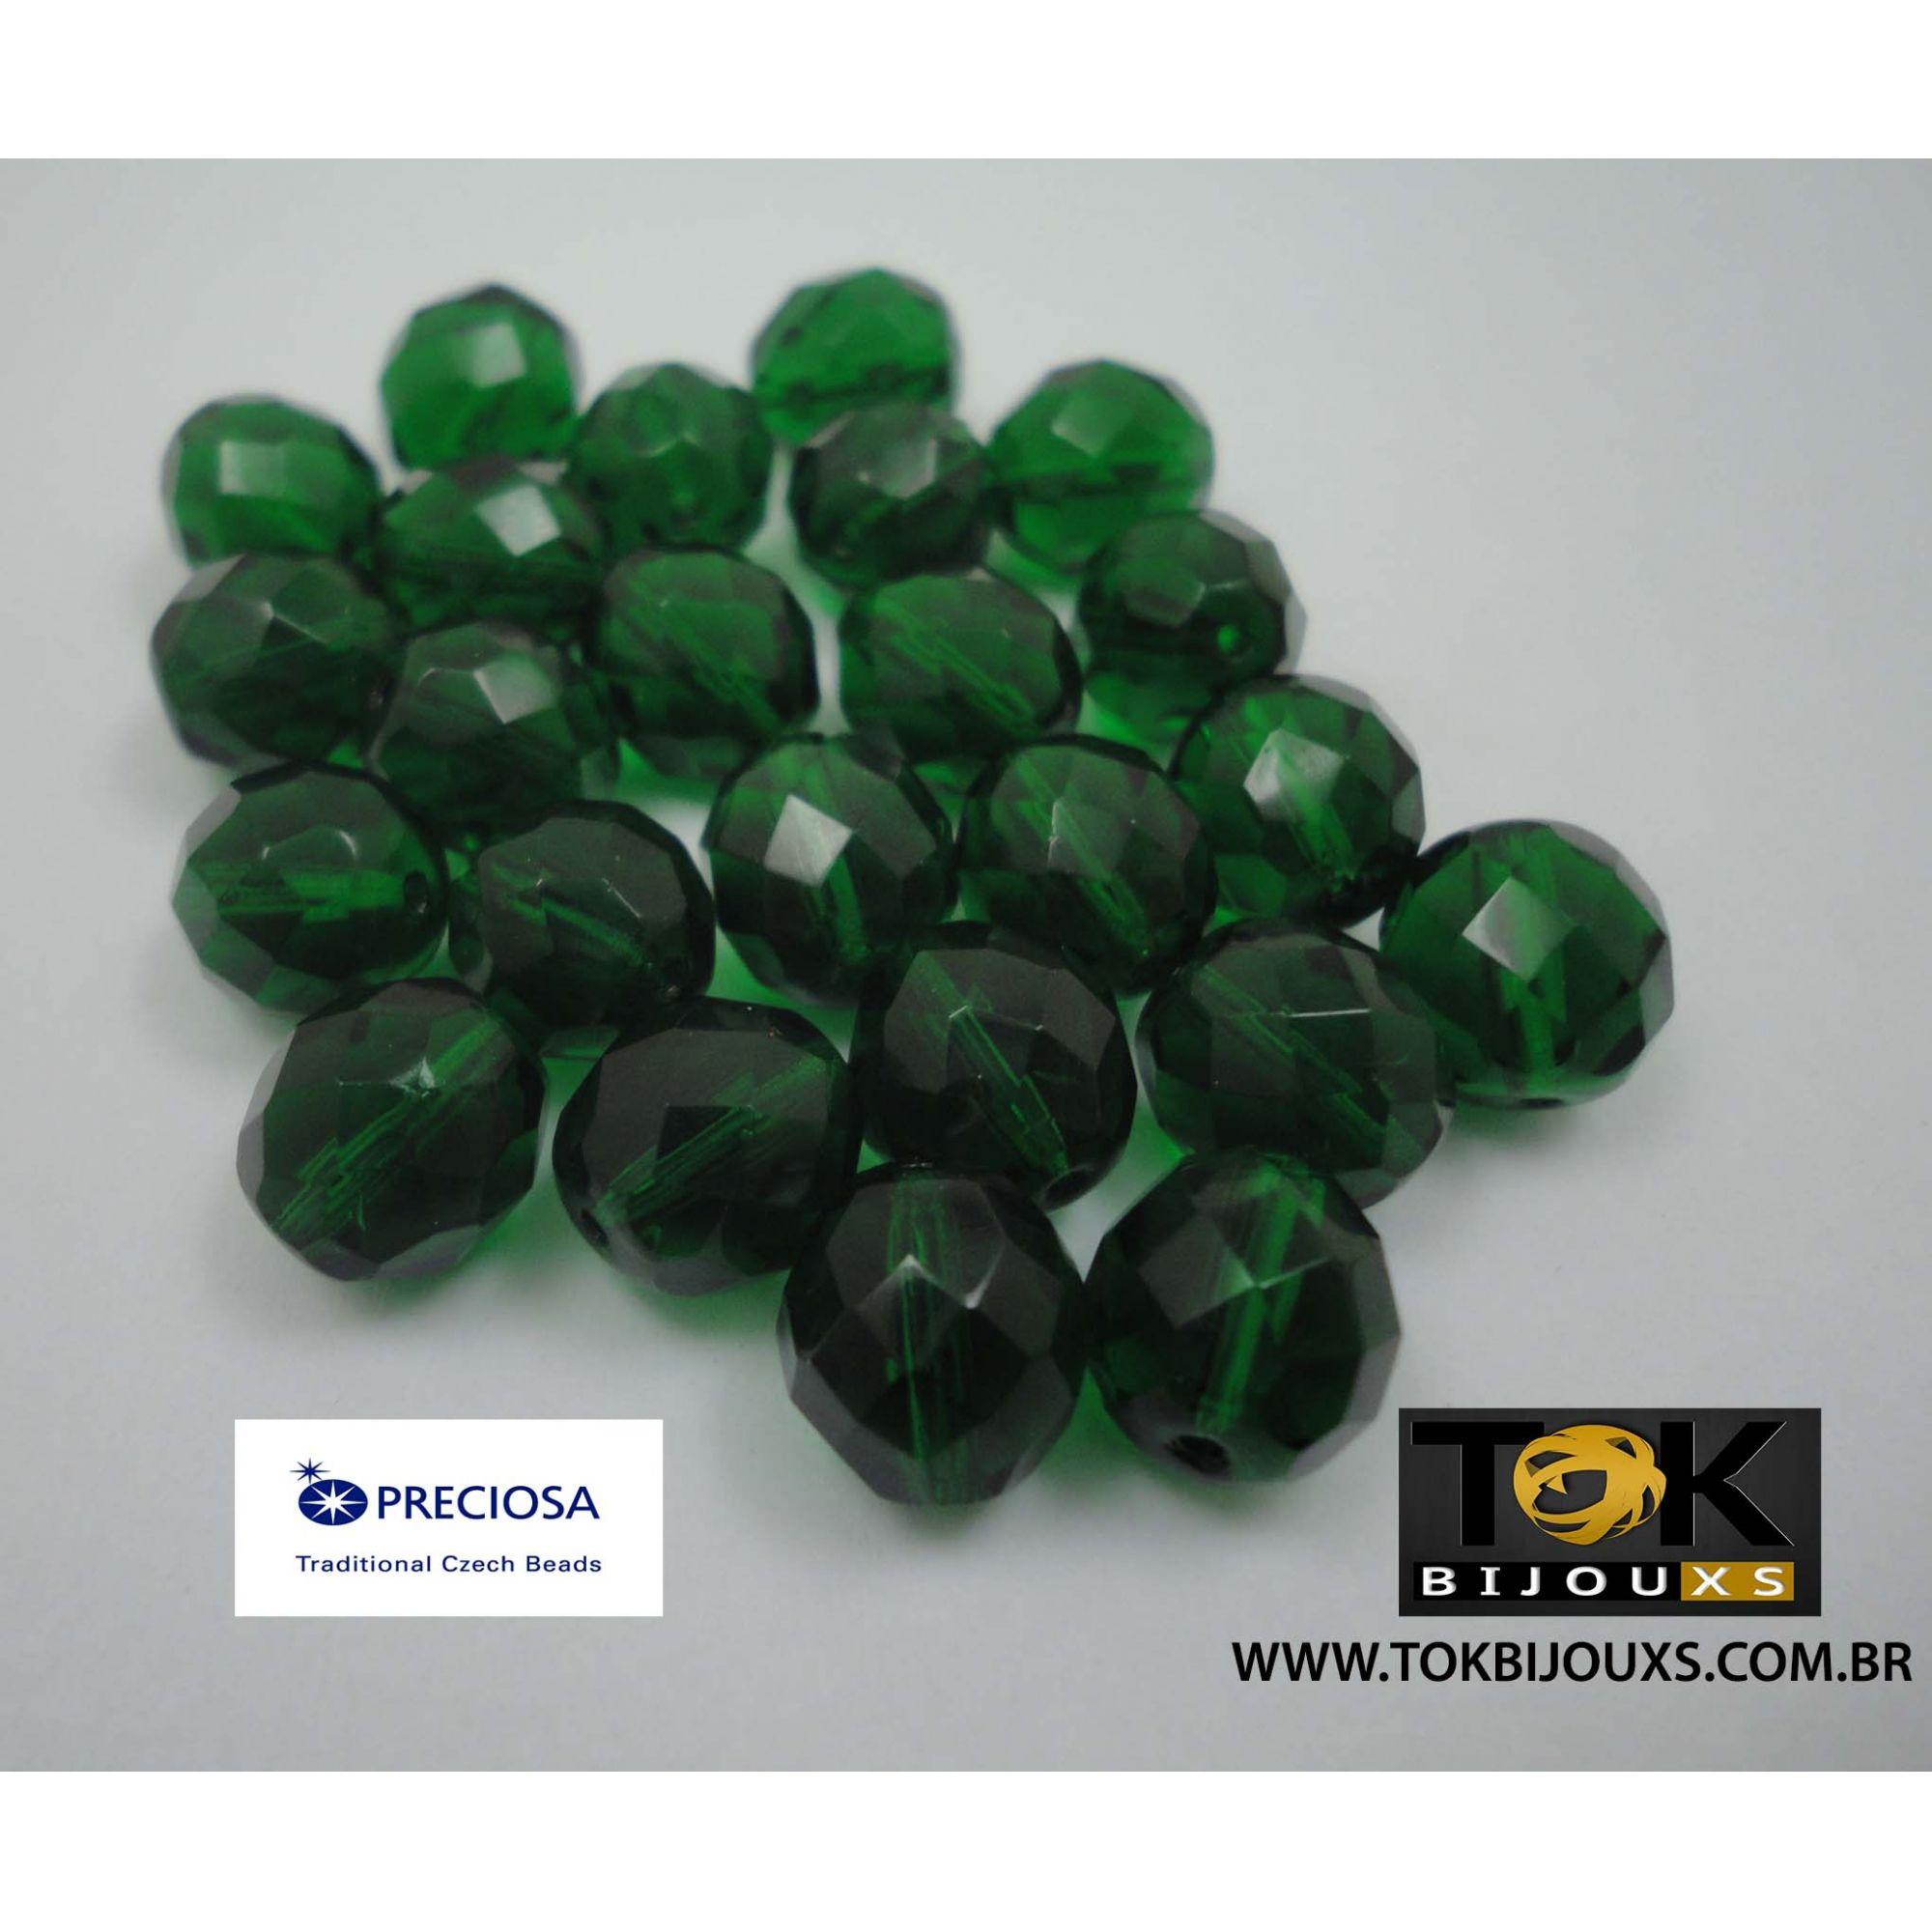 Cristal Jablonex/Preciosa® - Verde Escuro Transparente 10mm - 25  Unid